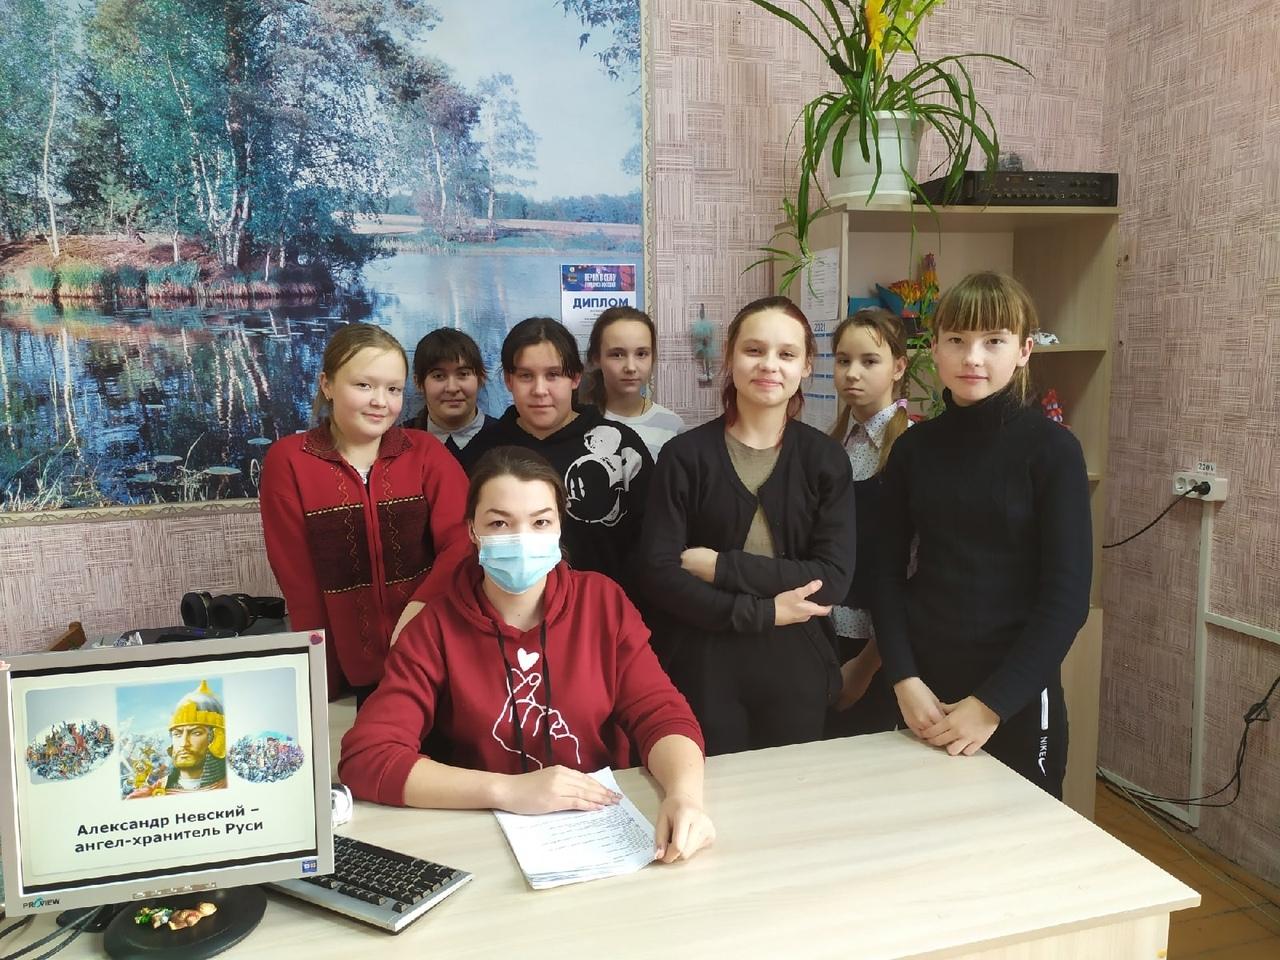 Что на шлеме у князя? Детей в Красноармейского района посвятят в тайны Александра Невского